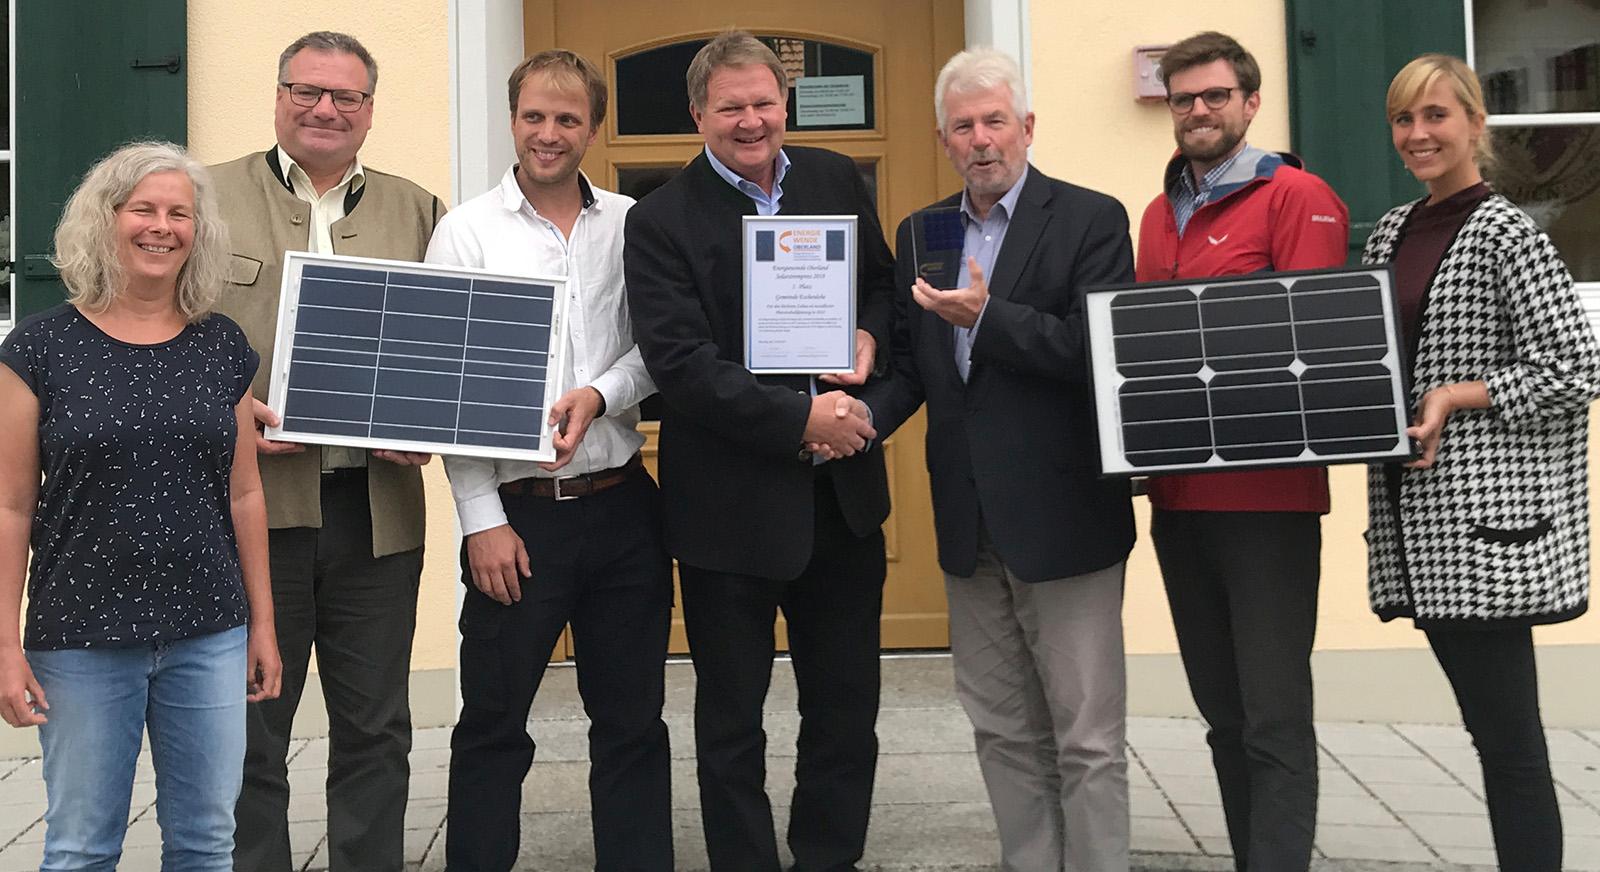 Preisverleihung in Eschenlohe: EWO-Vorstandsvorsitzender Josef Kellner beglückwünscht Bürgermeister Anton Kölbl zum ersten Platz beim Solarstrompreis 2018